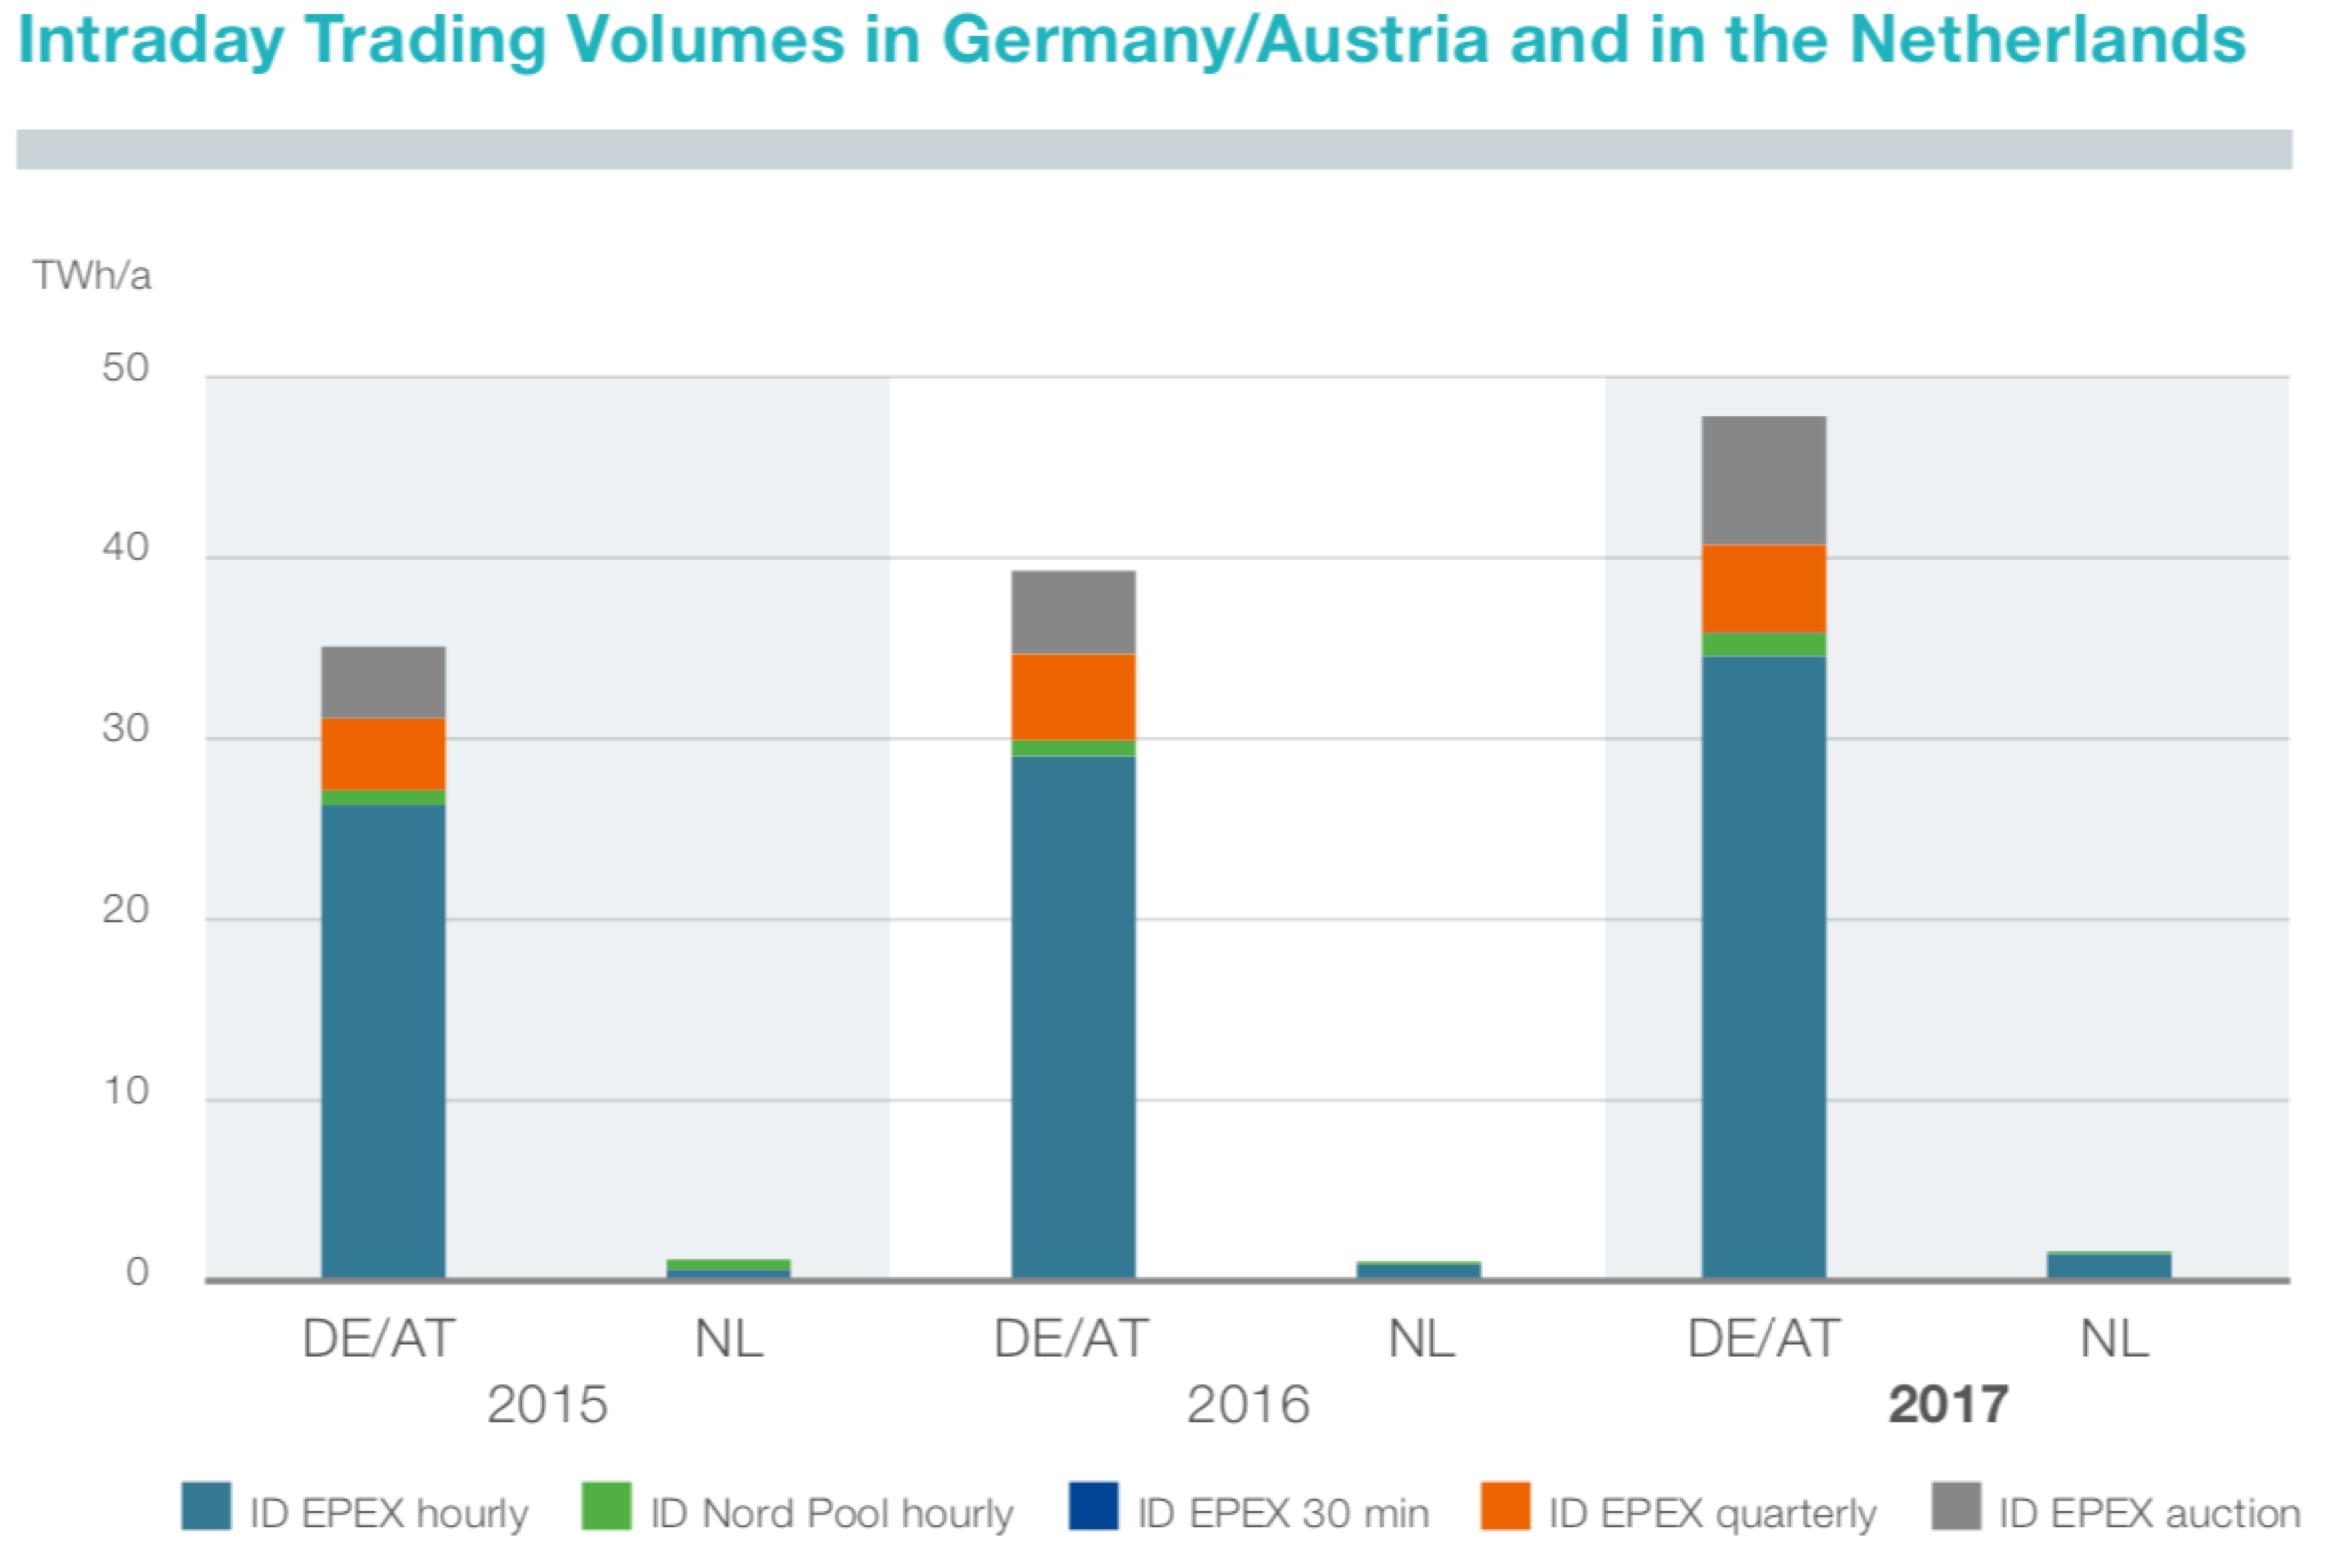 Abbildung 3: Intraday-Handelsvolumen in Deutschland/Österreich und in den Niederlanden von 2015-2017 (TenneT 2018)